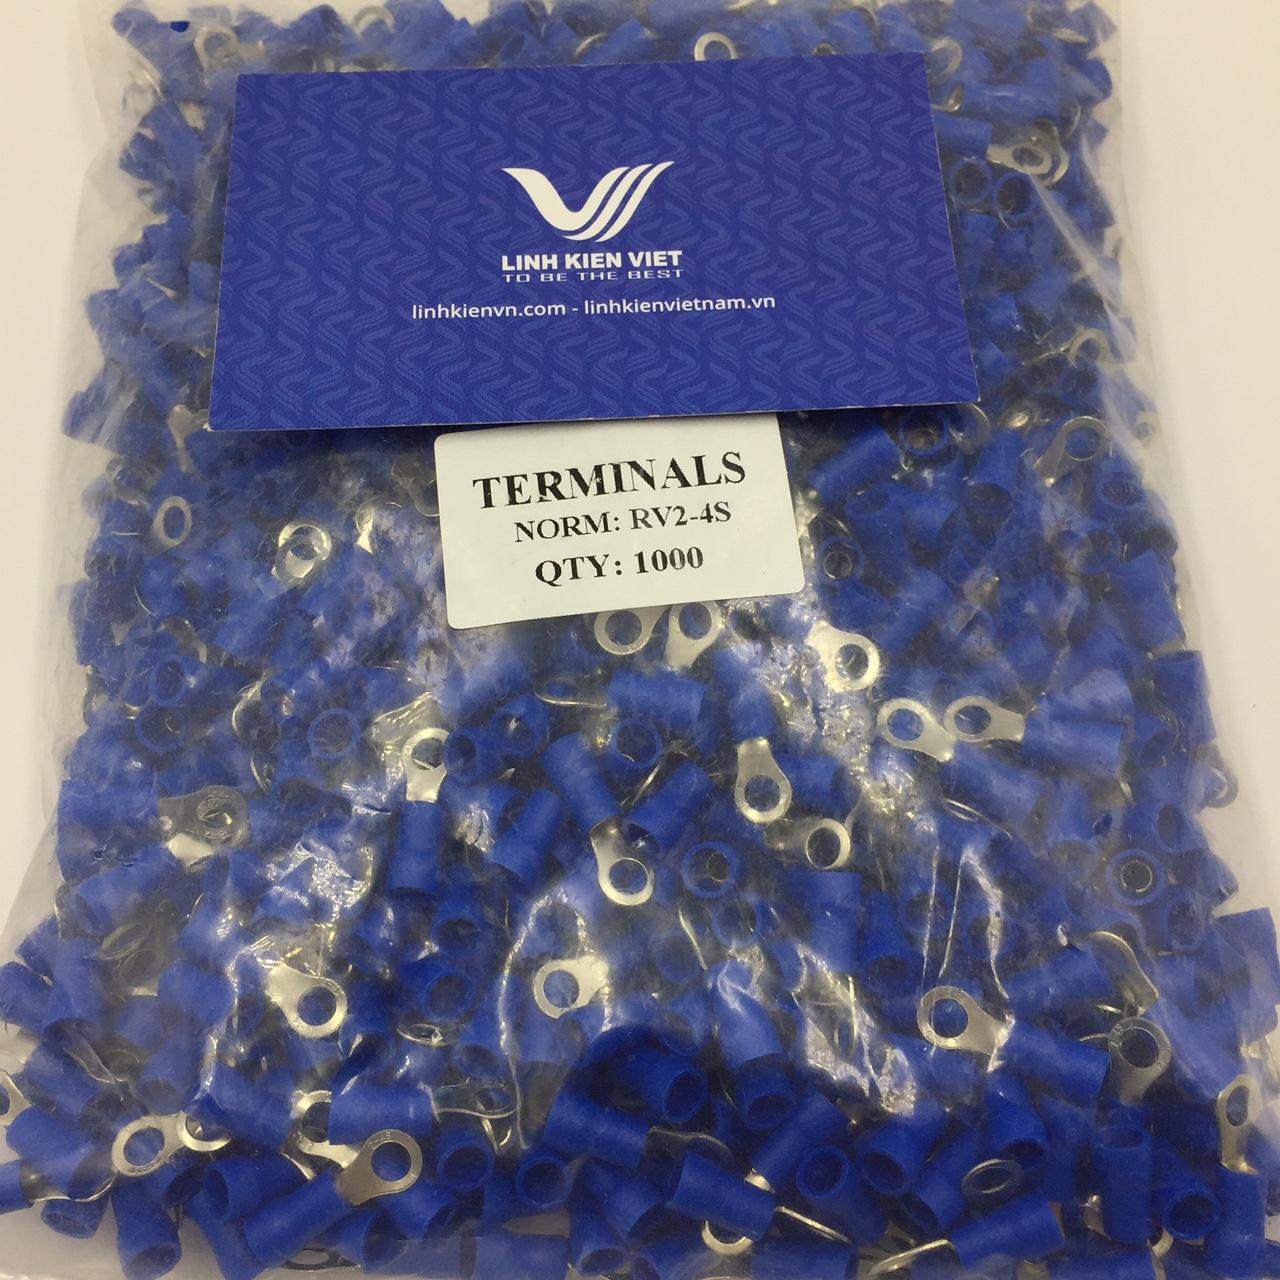 Đầu CỐT tròn RV2-4S Màu xanh - túi 1000 cái - S2H9